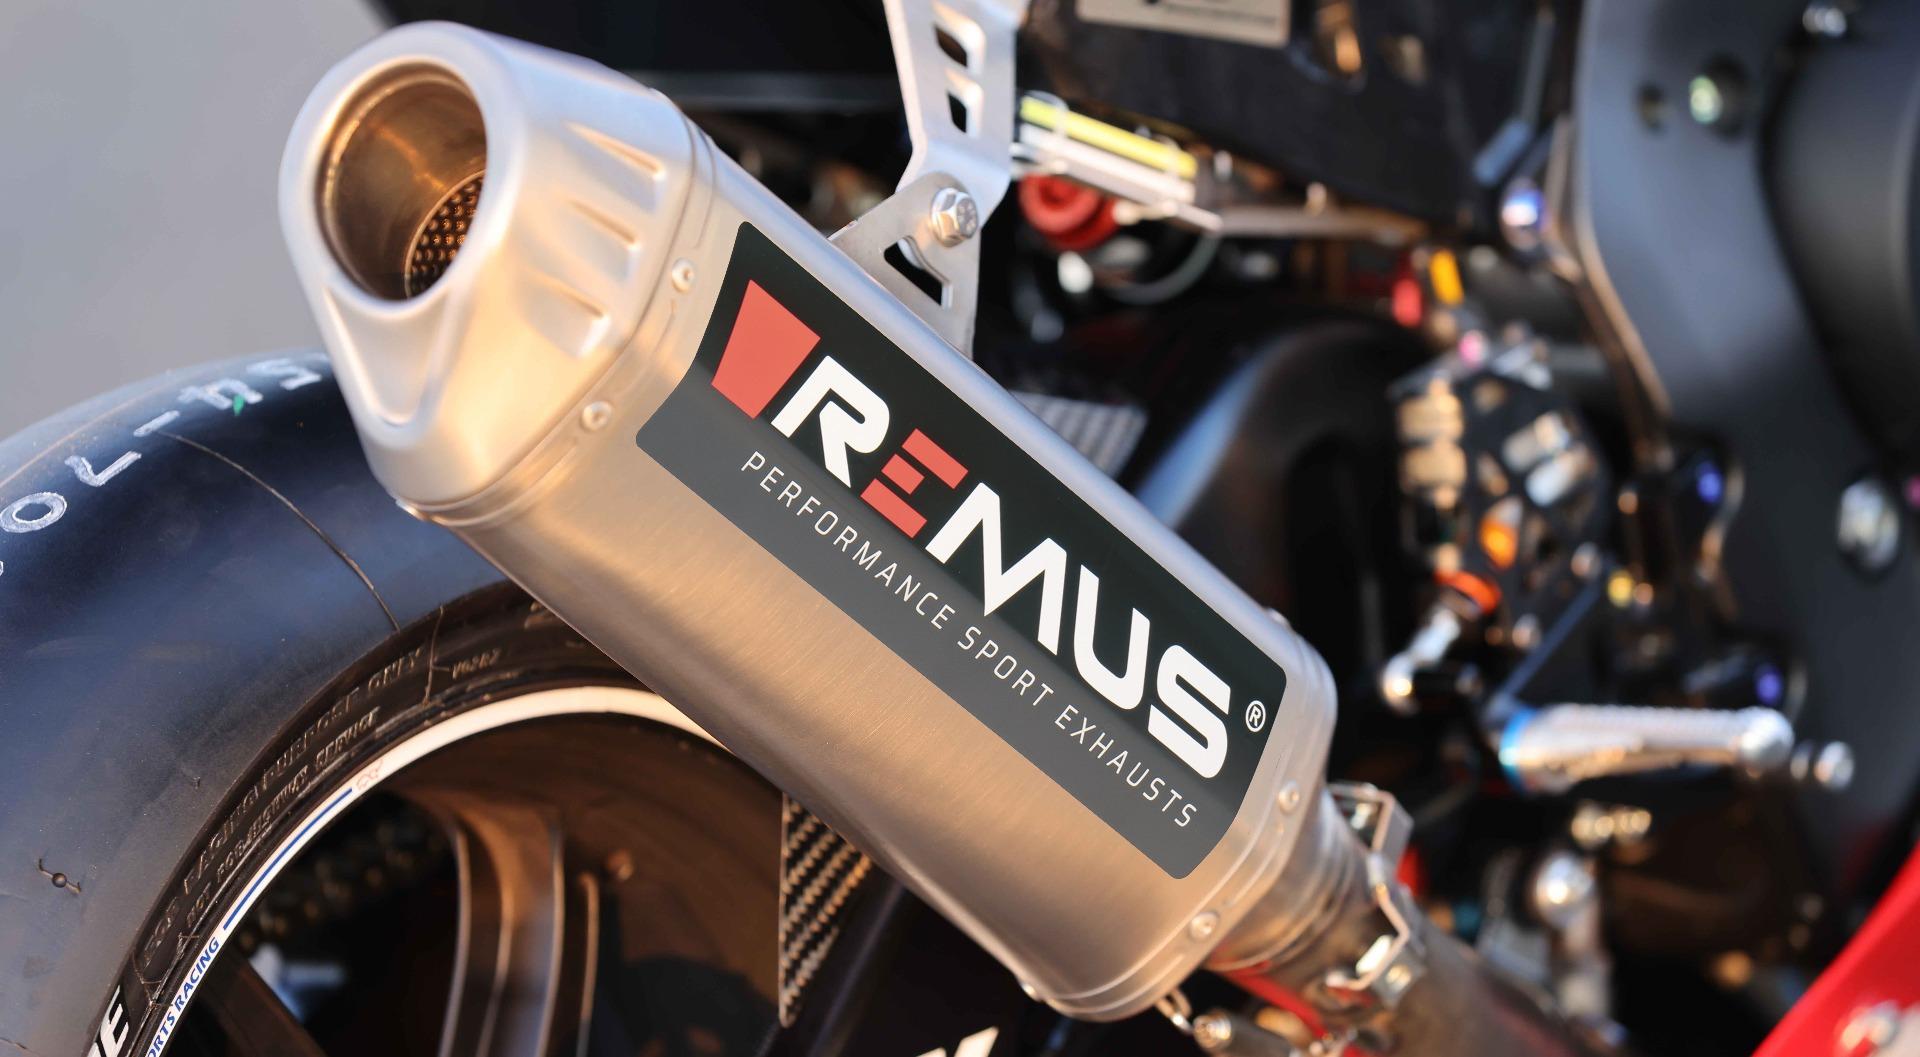 REMUS GOES EWC